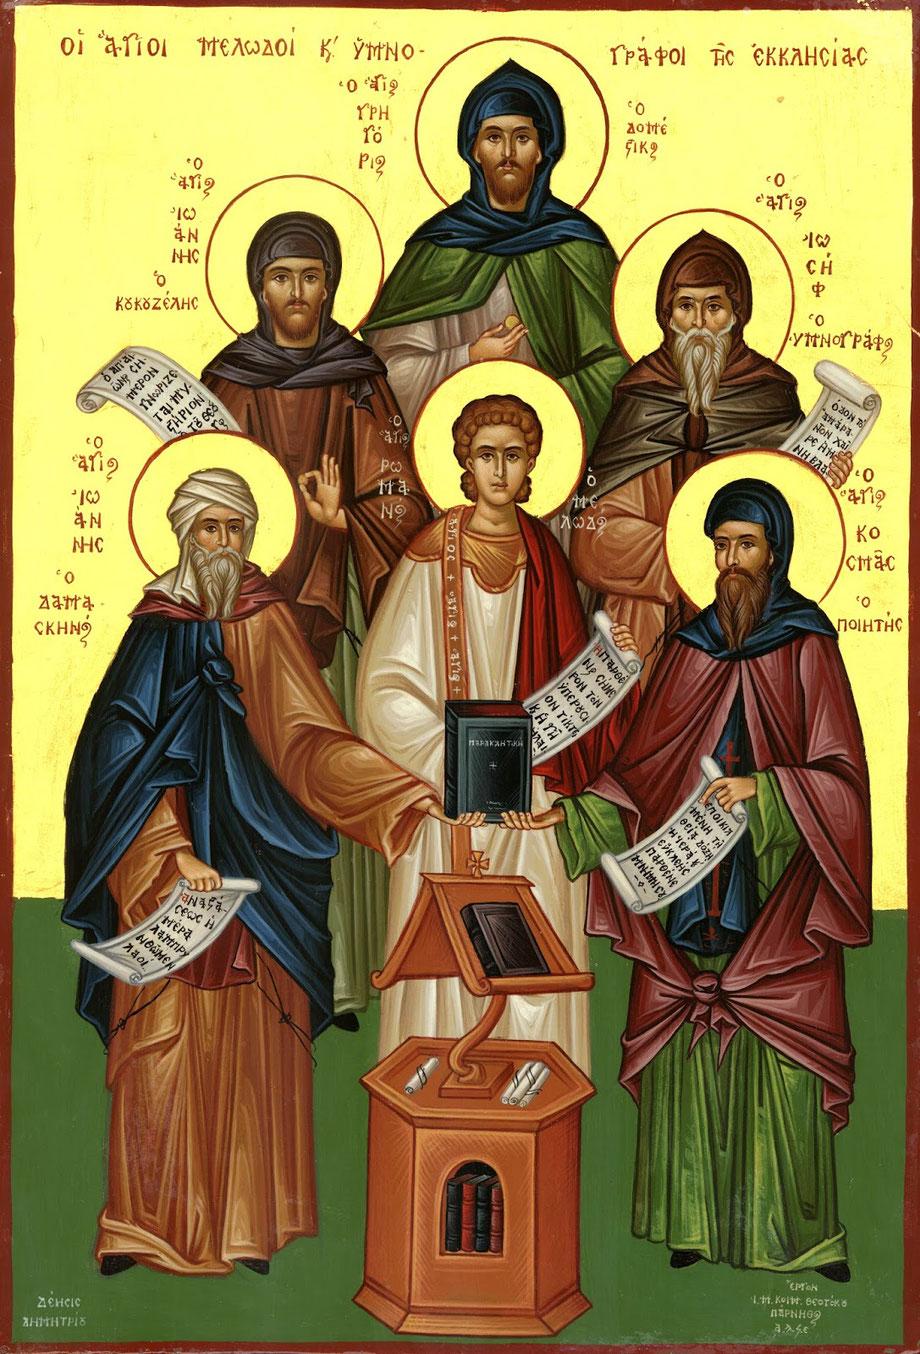 Synaxis der heiligen Hynographen der orthodoxen Kirche. In der Mitte ist der heilige Roman der Melode zu sehen.